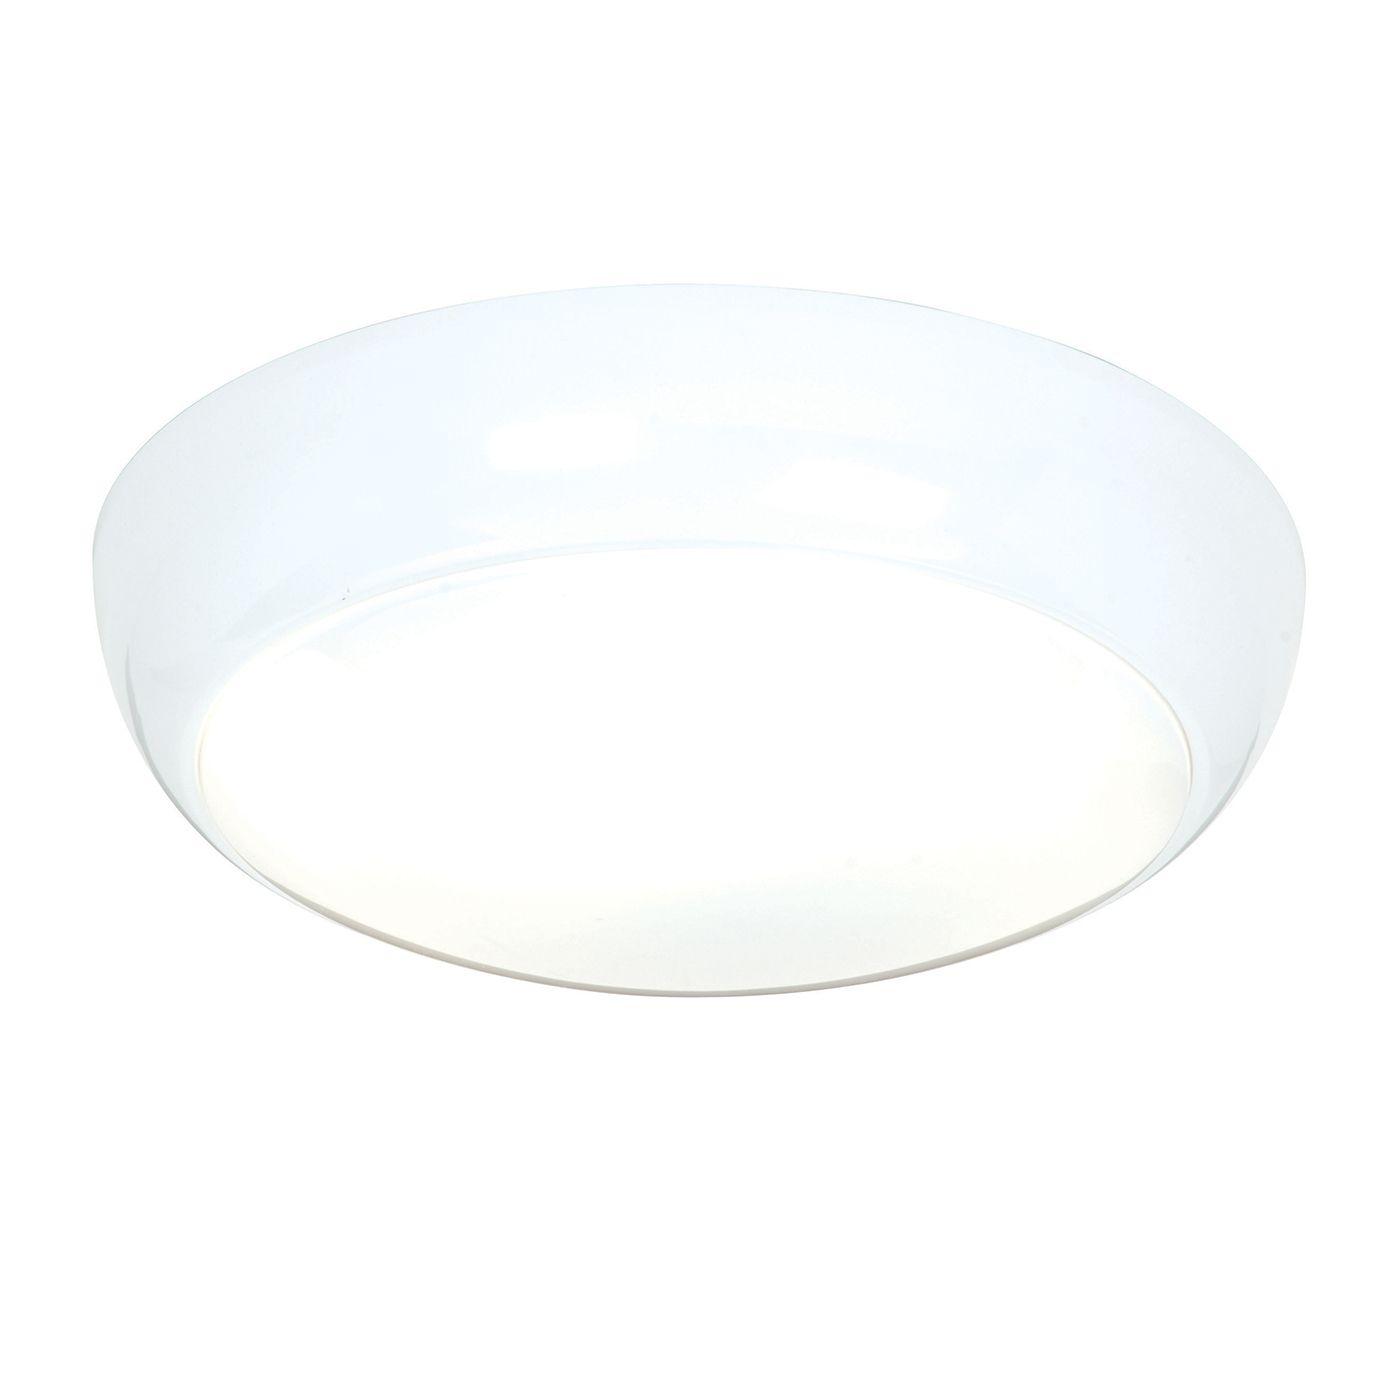 Minimalistyczny plafon Vigor 325 - Saxby Lighting - biały